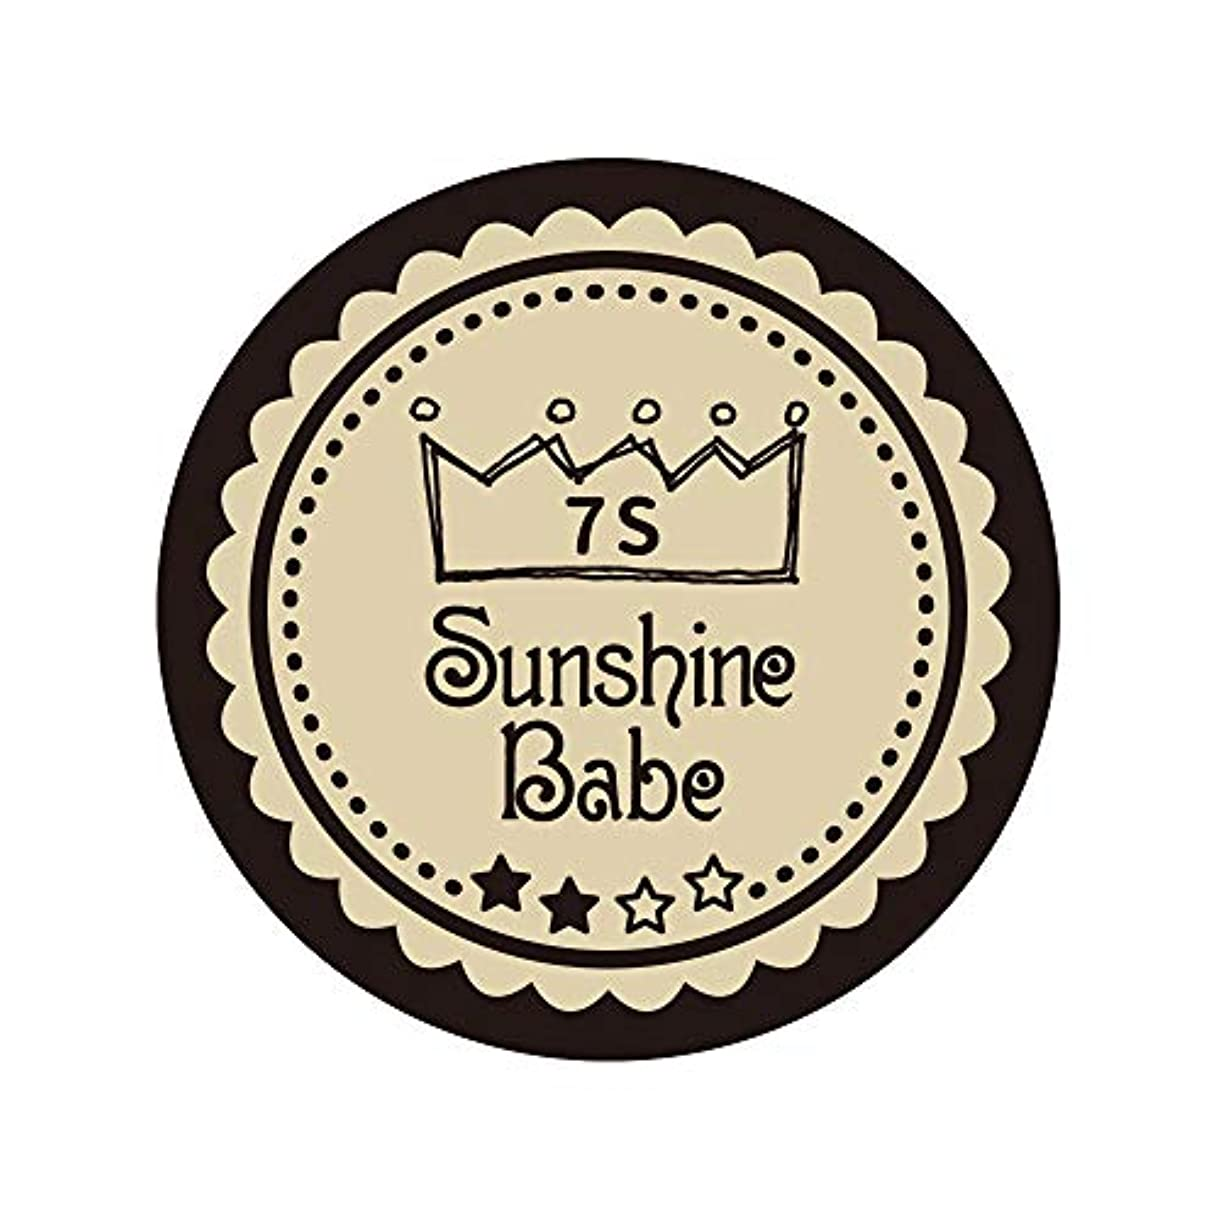 交換どこプレミアSunshine Babe カラージェル 7S ウォームサンド 2.7g UV/LED対応